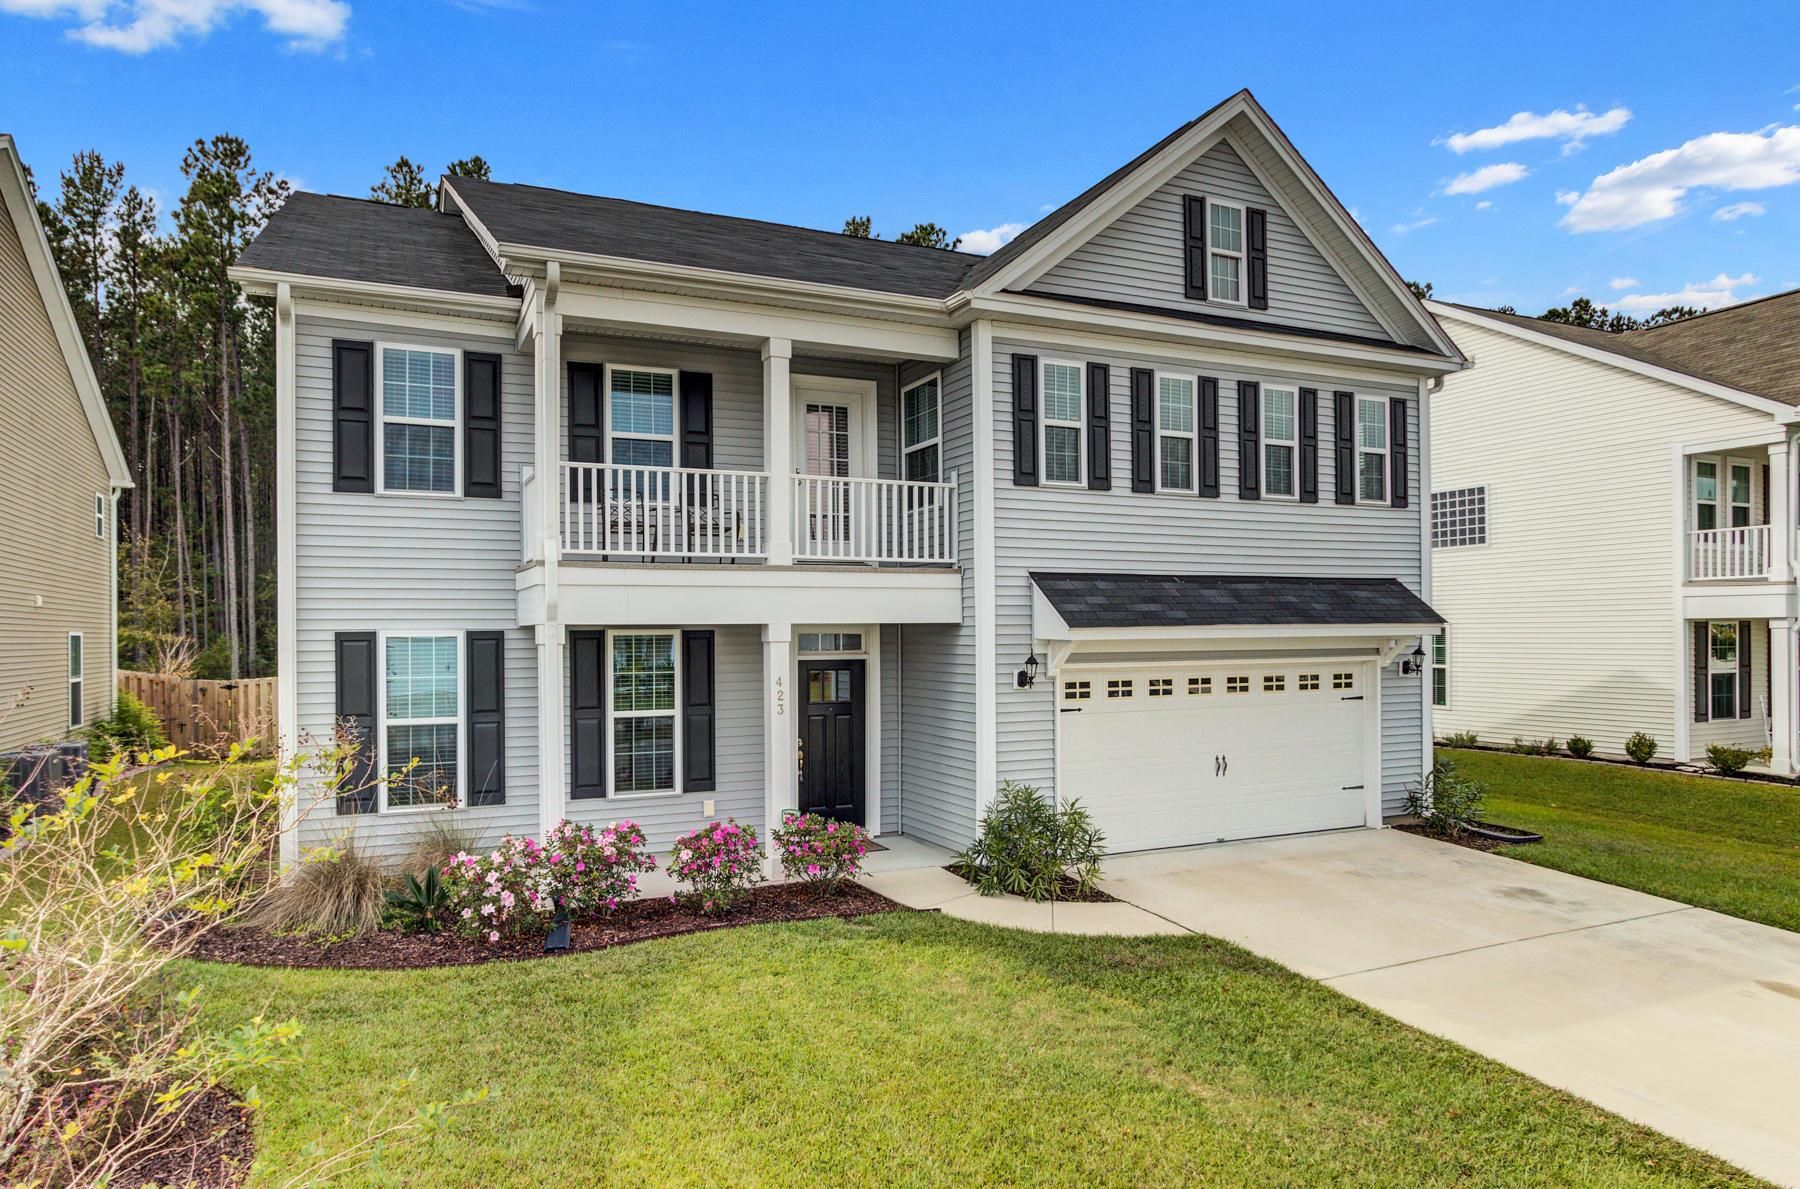 423 Flat Rock Lane Summerville, Sc 29486